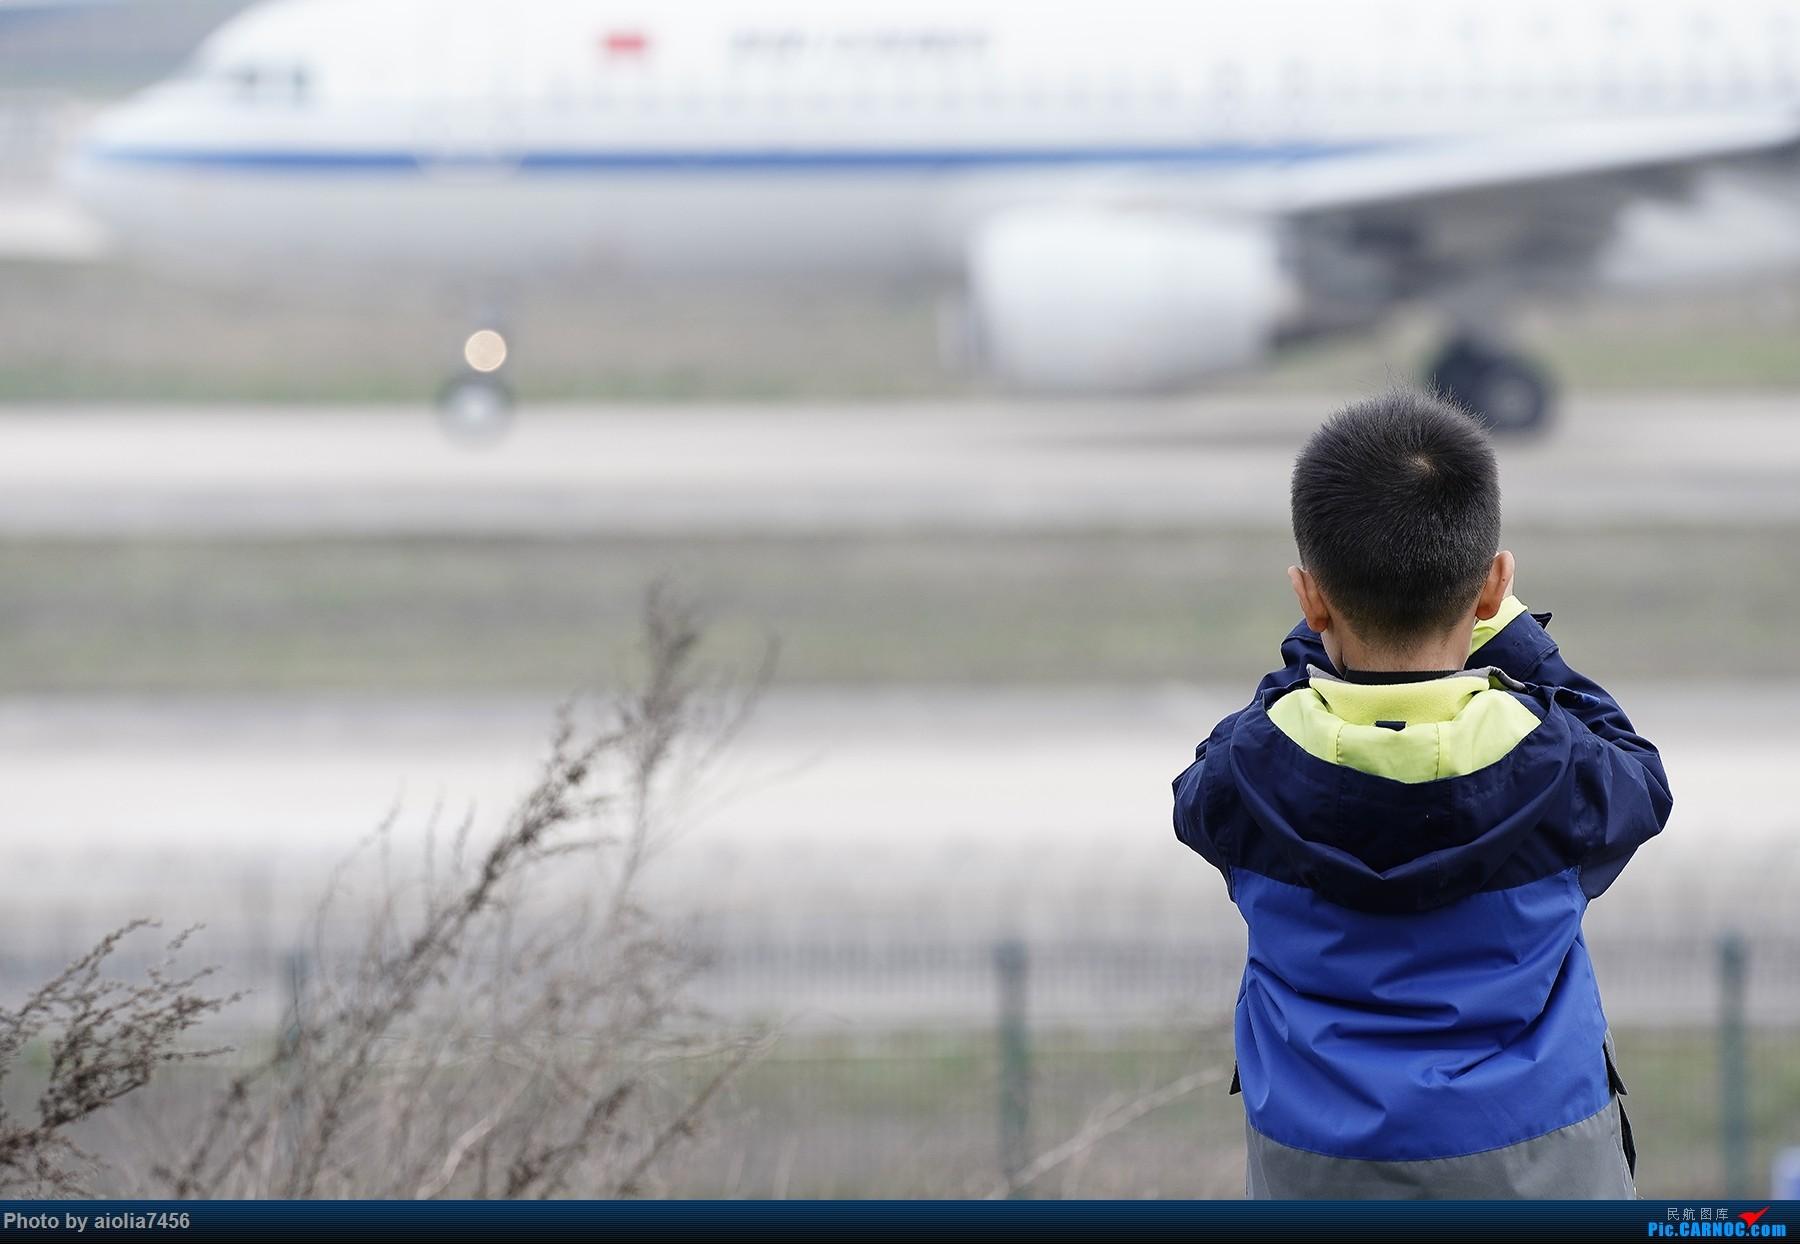 [原创]{霸都打机队}儿子说,合肥为什么没有大飞机?(手动尴尬)     飞友